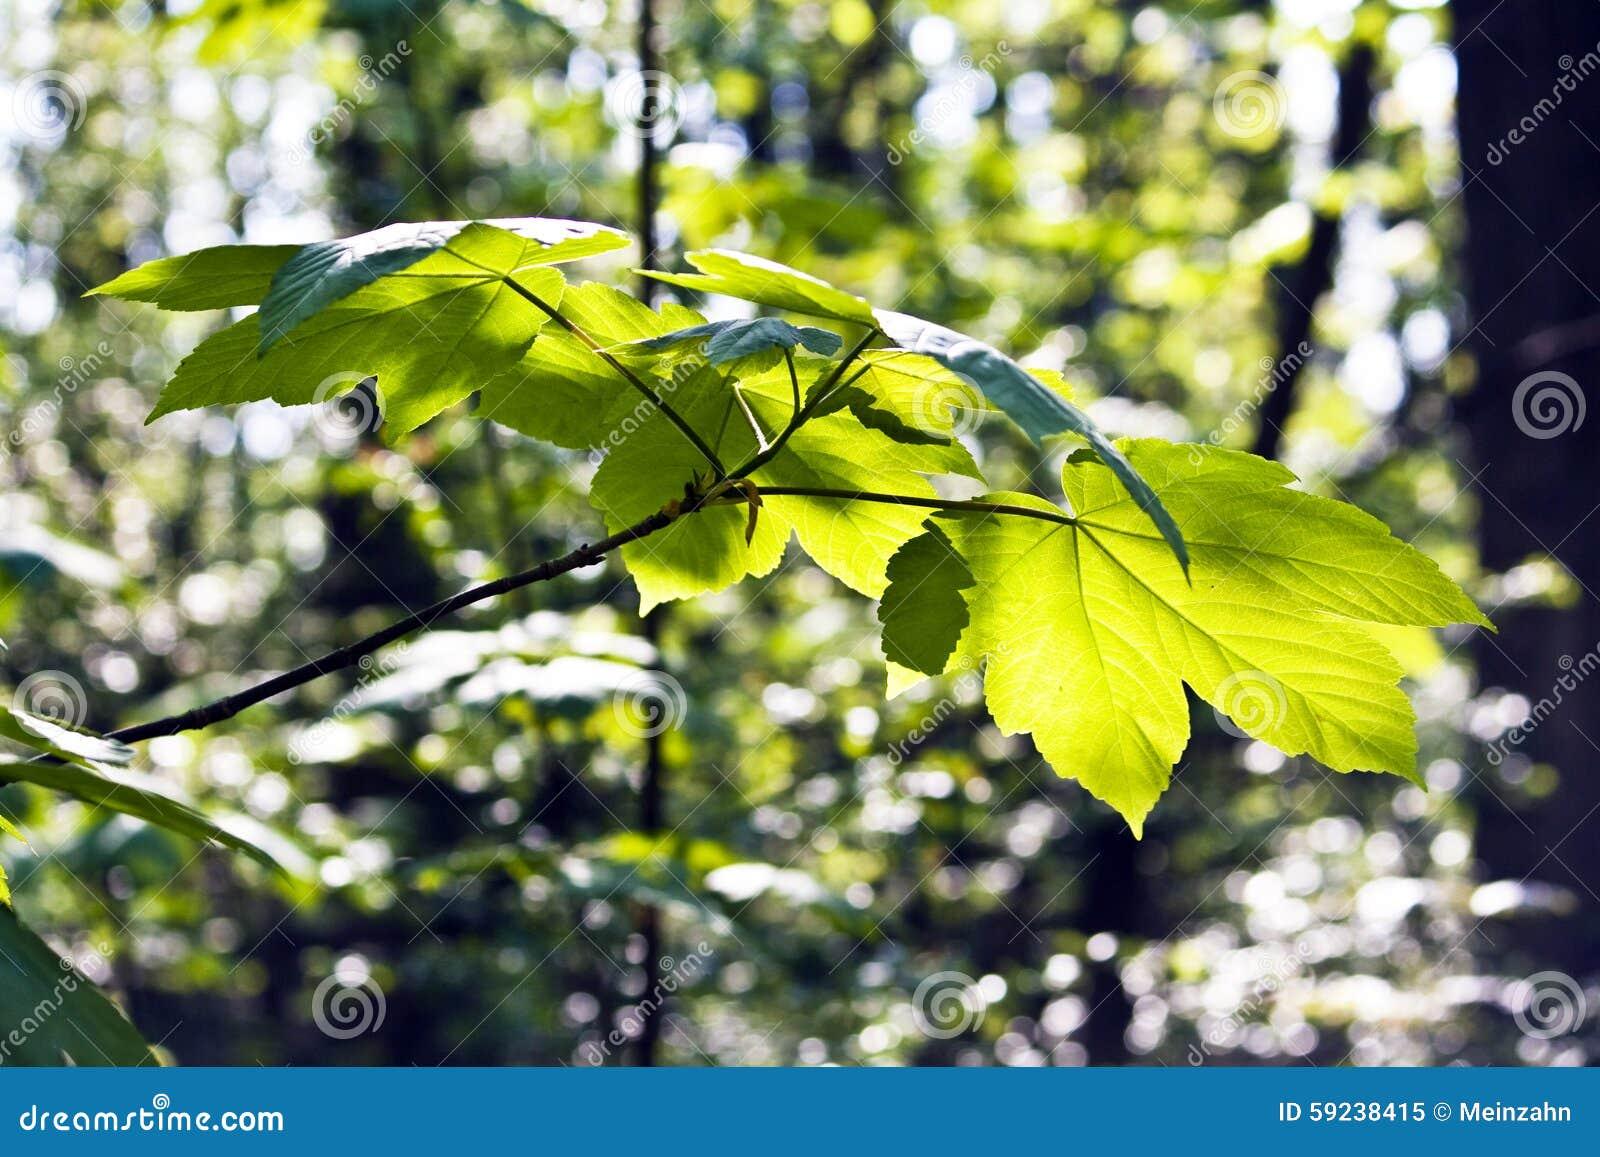 Download Hoja De Un árbol En Luz De La Mañana Imagen de archivo - Imagen de paisaje, mañana: 59238415